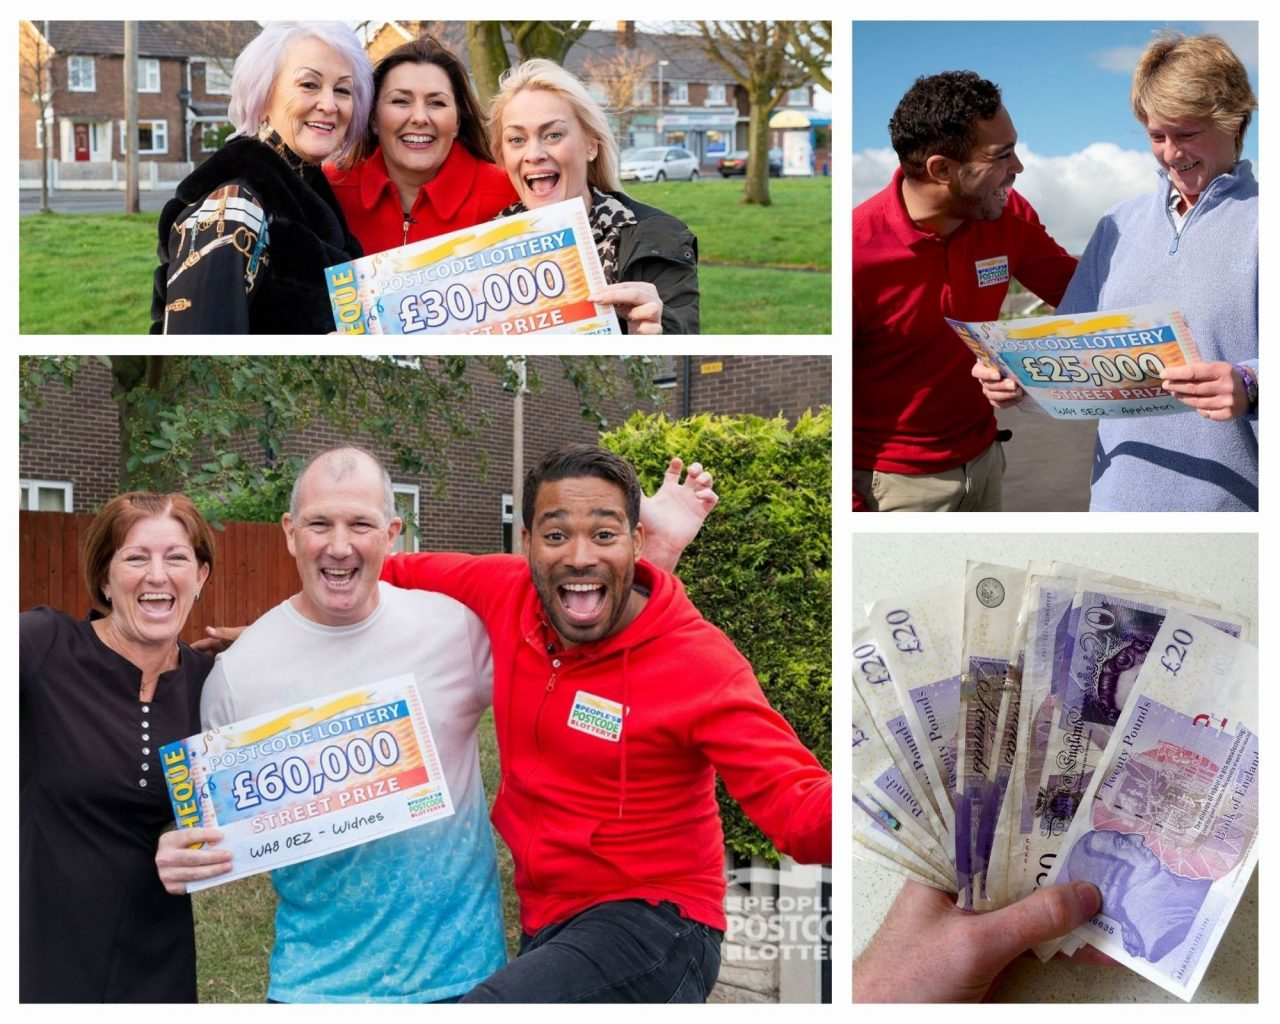 Pemenang People's Postcode Lottery terbesar di Warrington